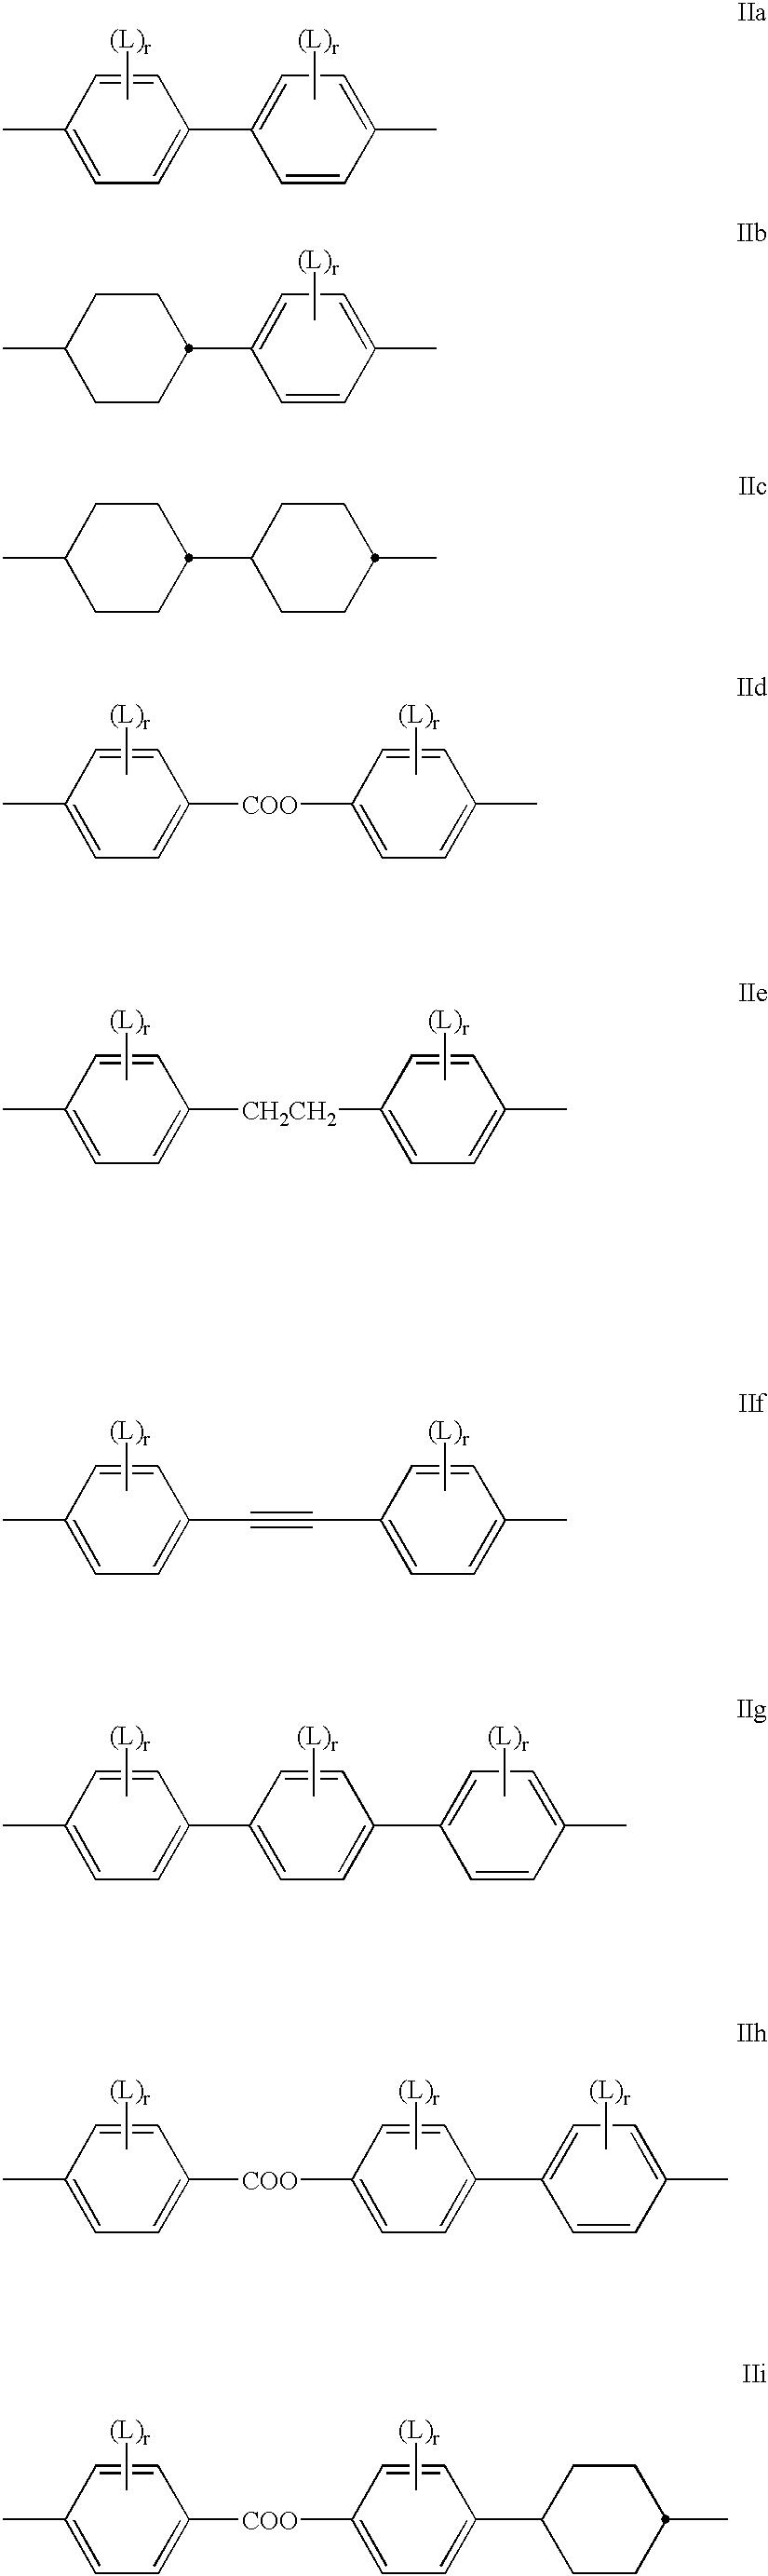 Figure US06466297-20021015-C00003